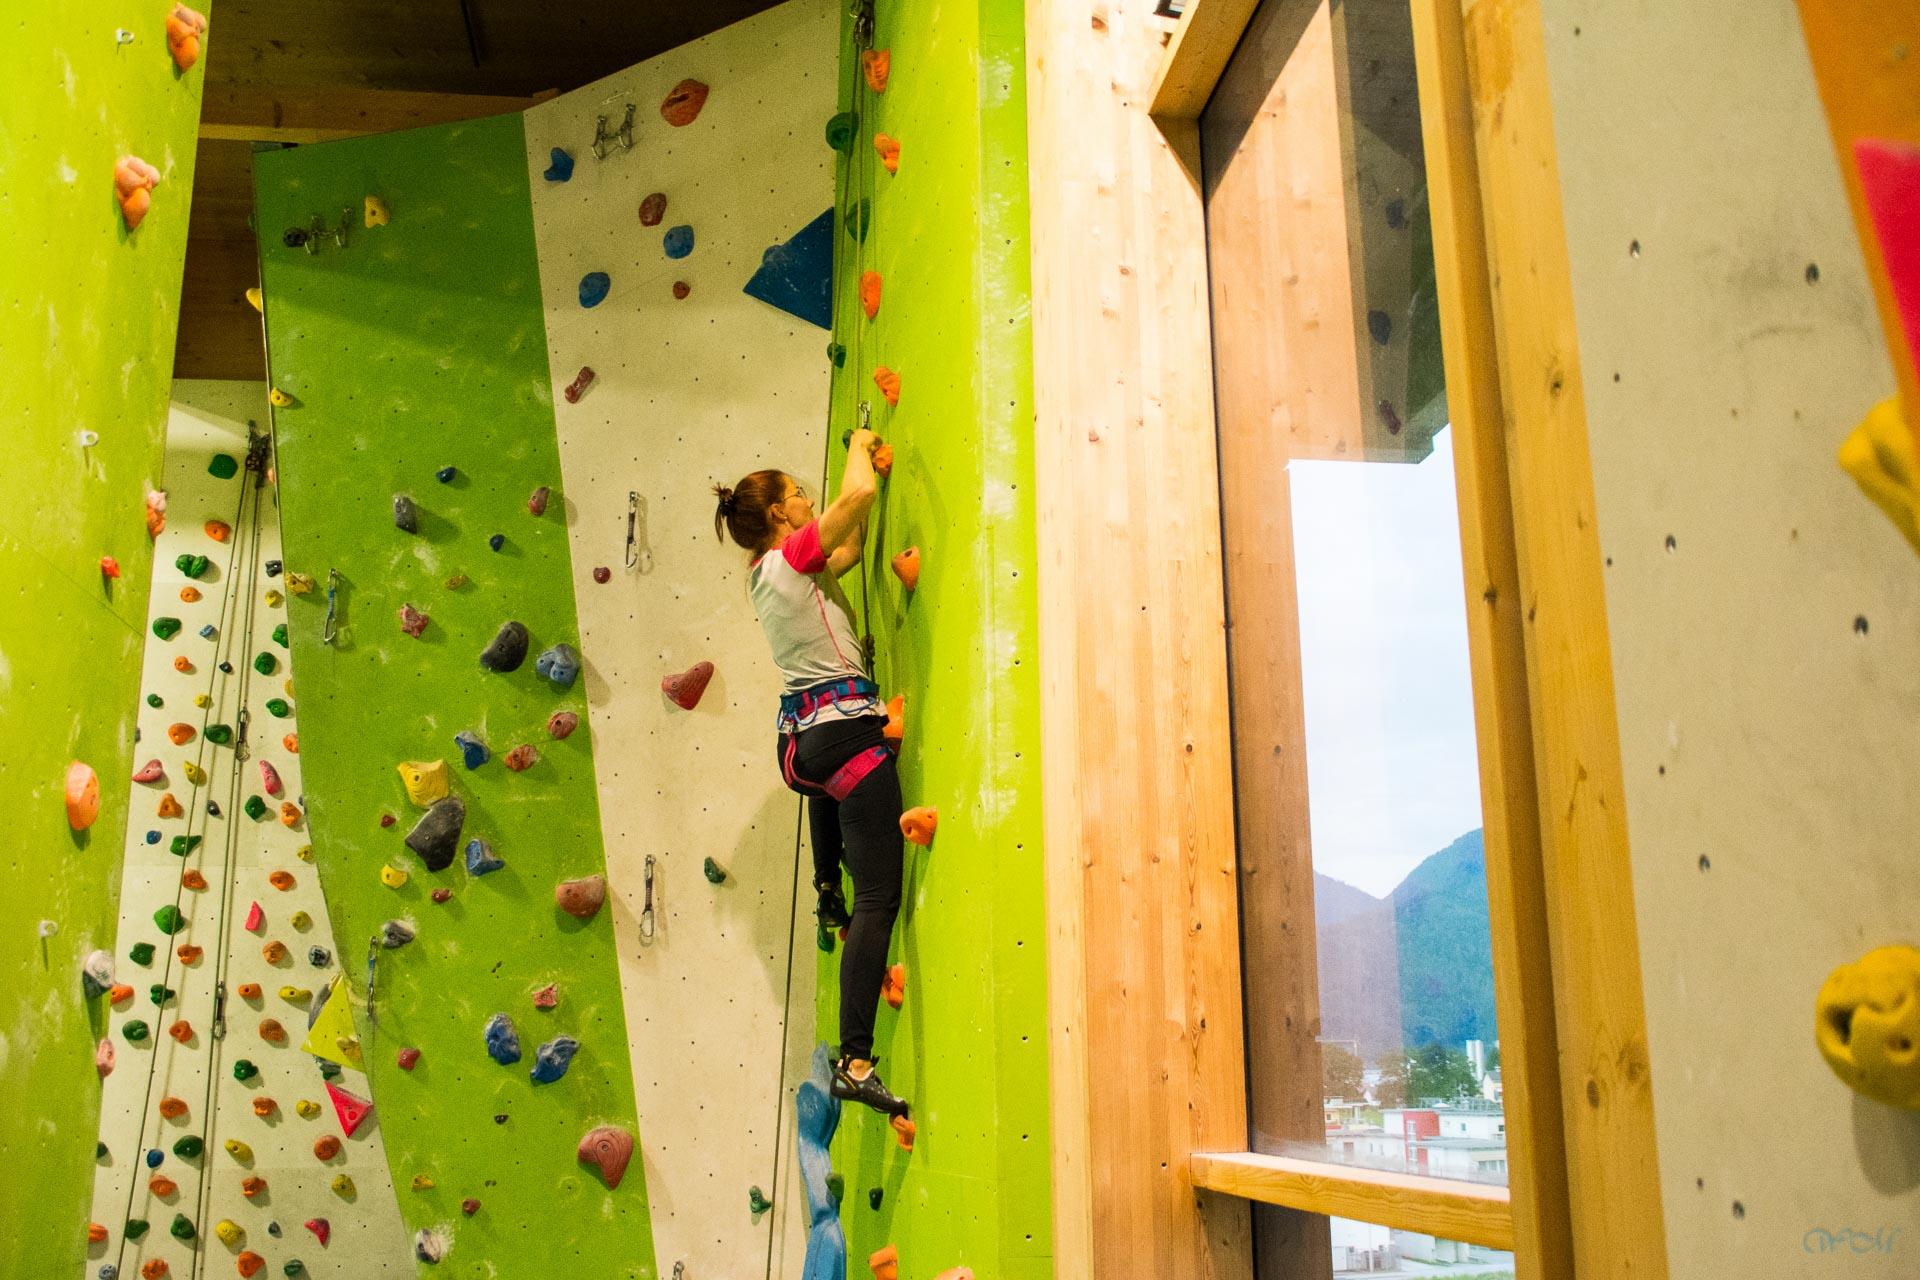 Klettertreffen in der Kletterhalle in Wörgl mit Moni Weißsteiner